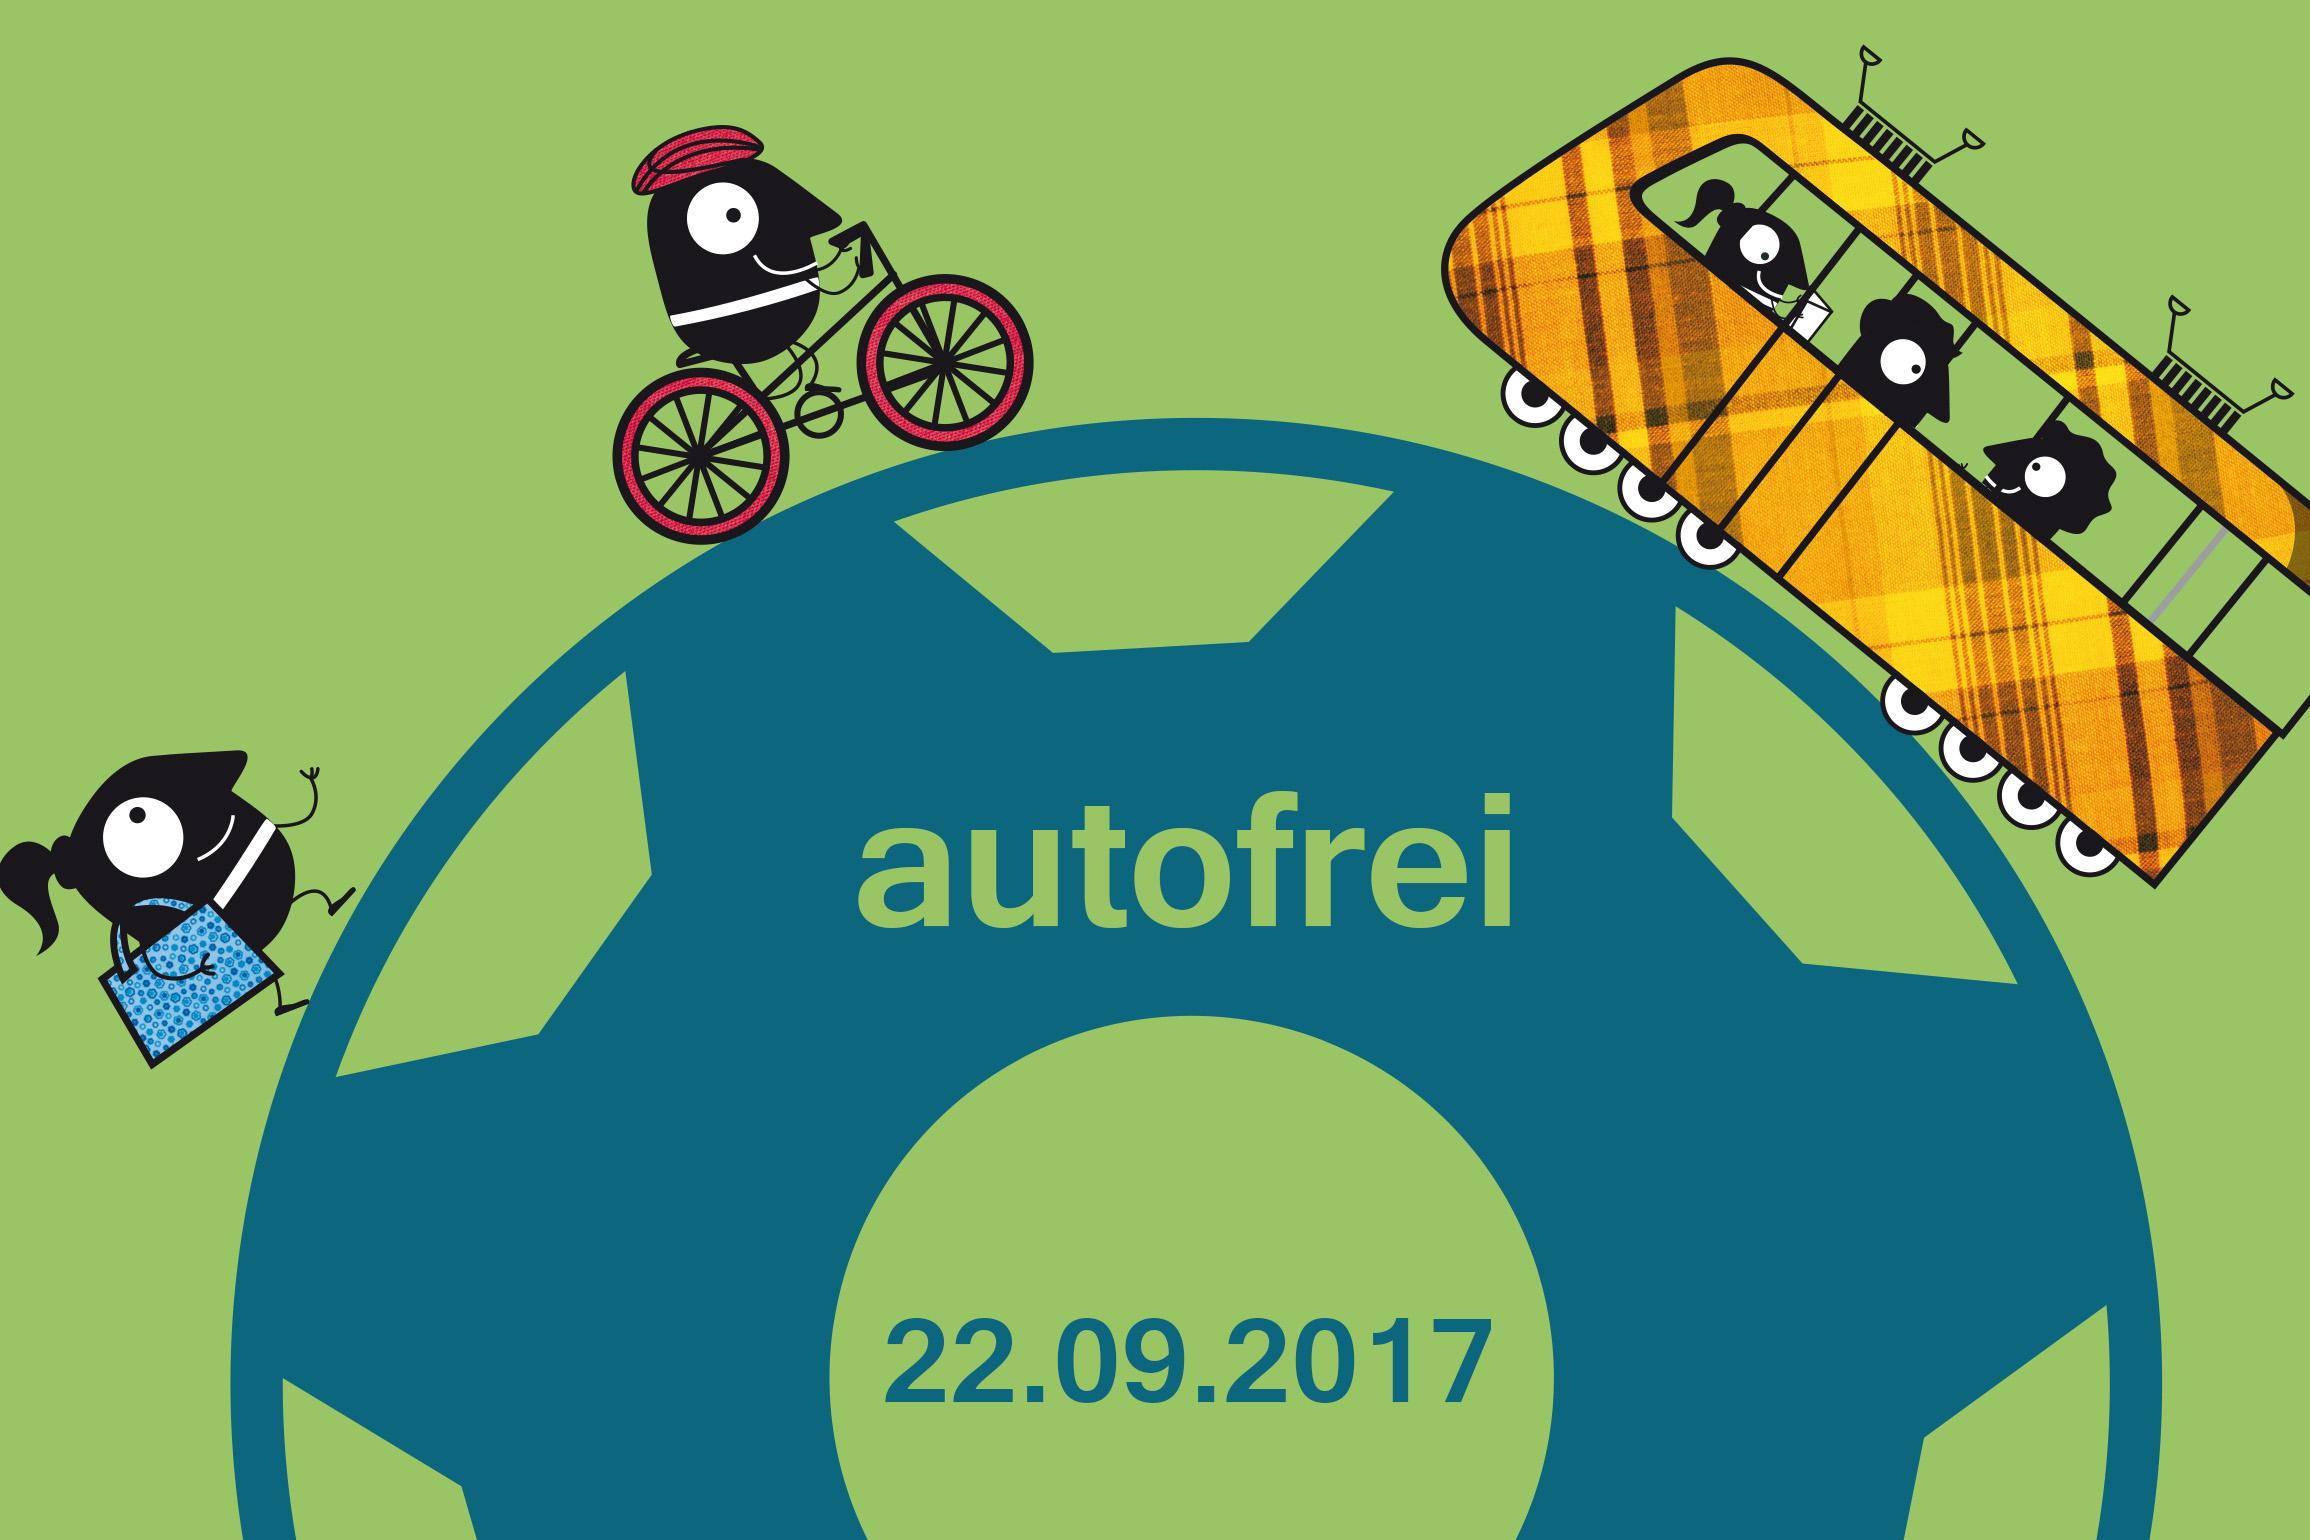 autofreier Tag Neunkirchen